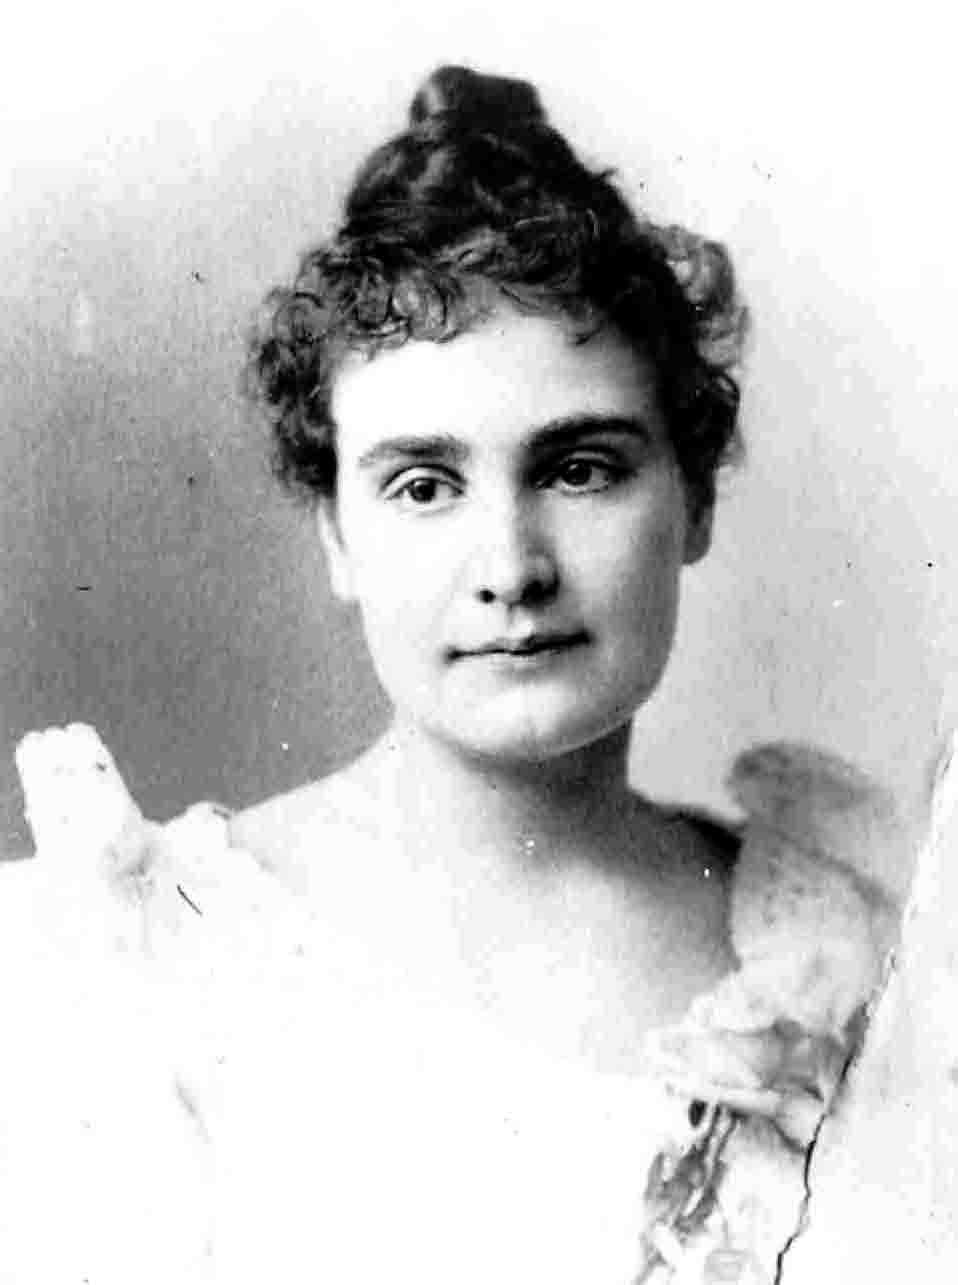 Helen Keller - ANNE SULLIVAN